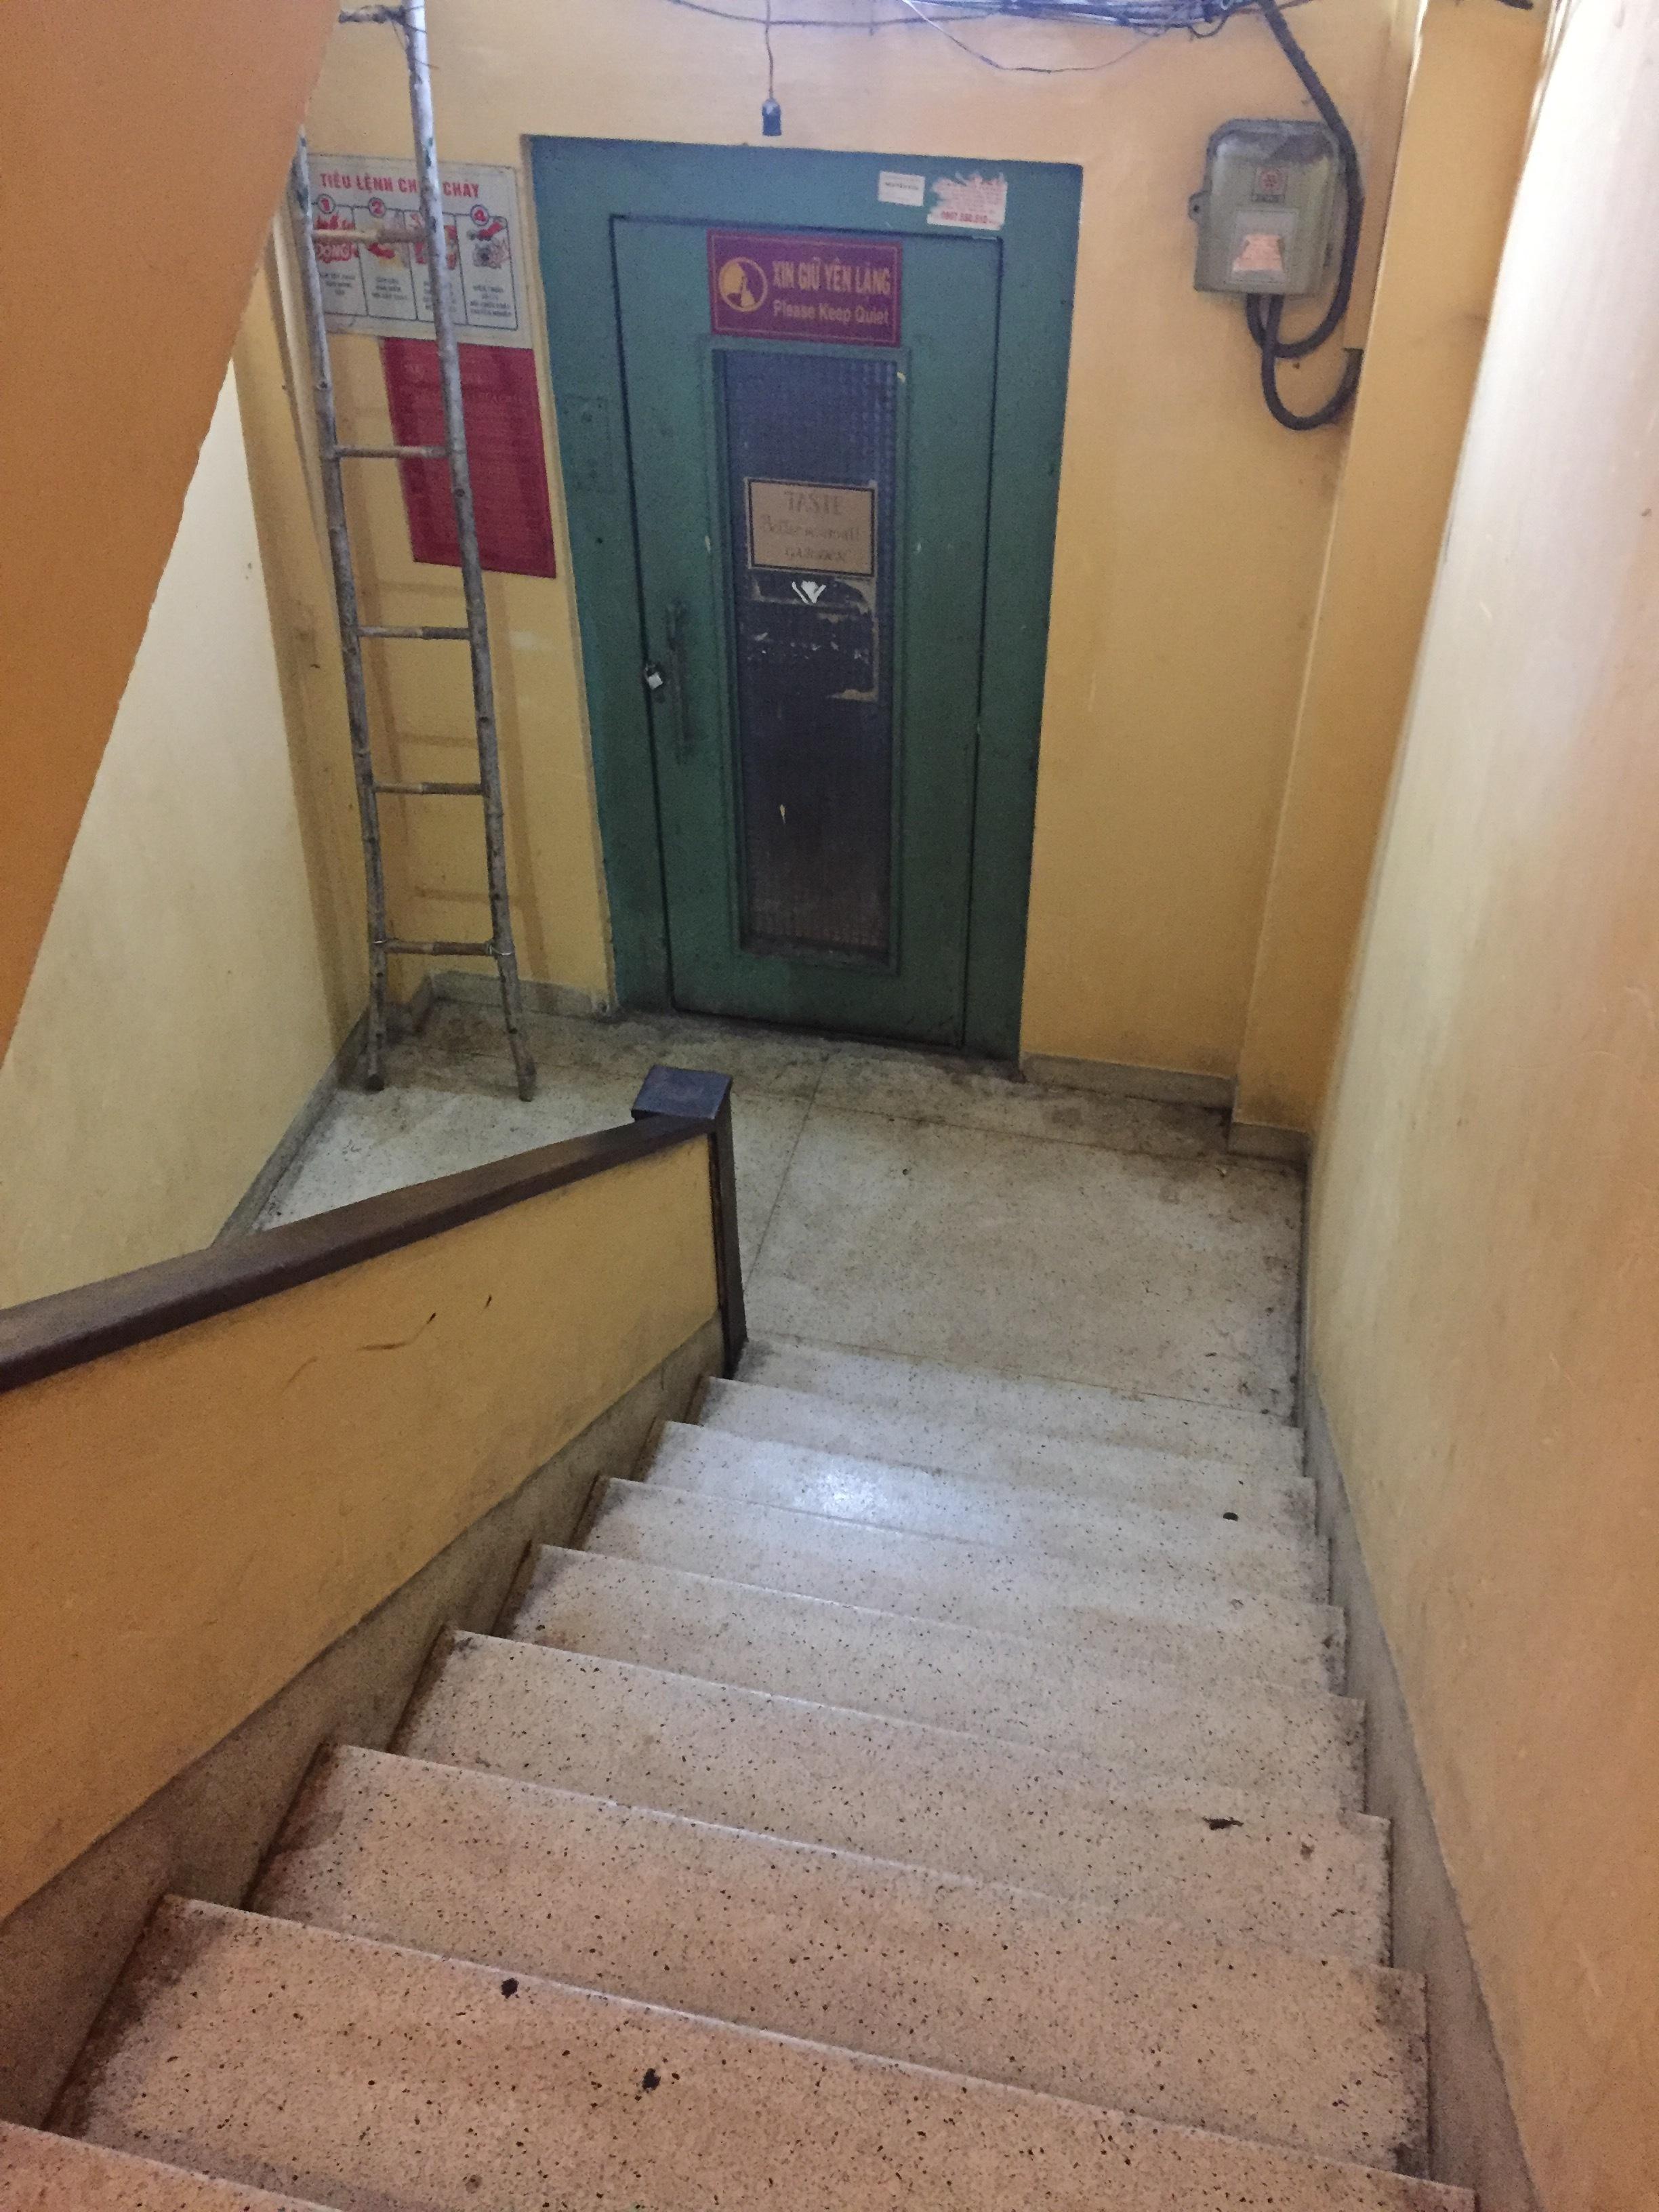 Standard hidden staircase to hidden gems